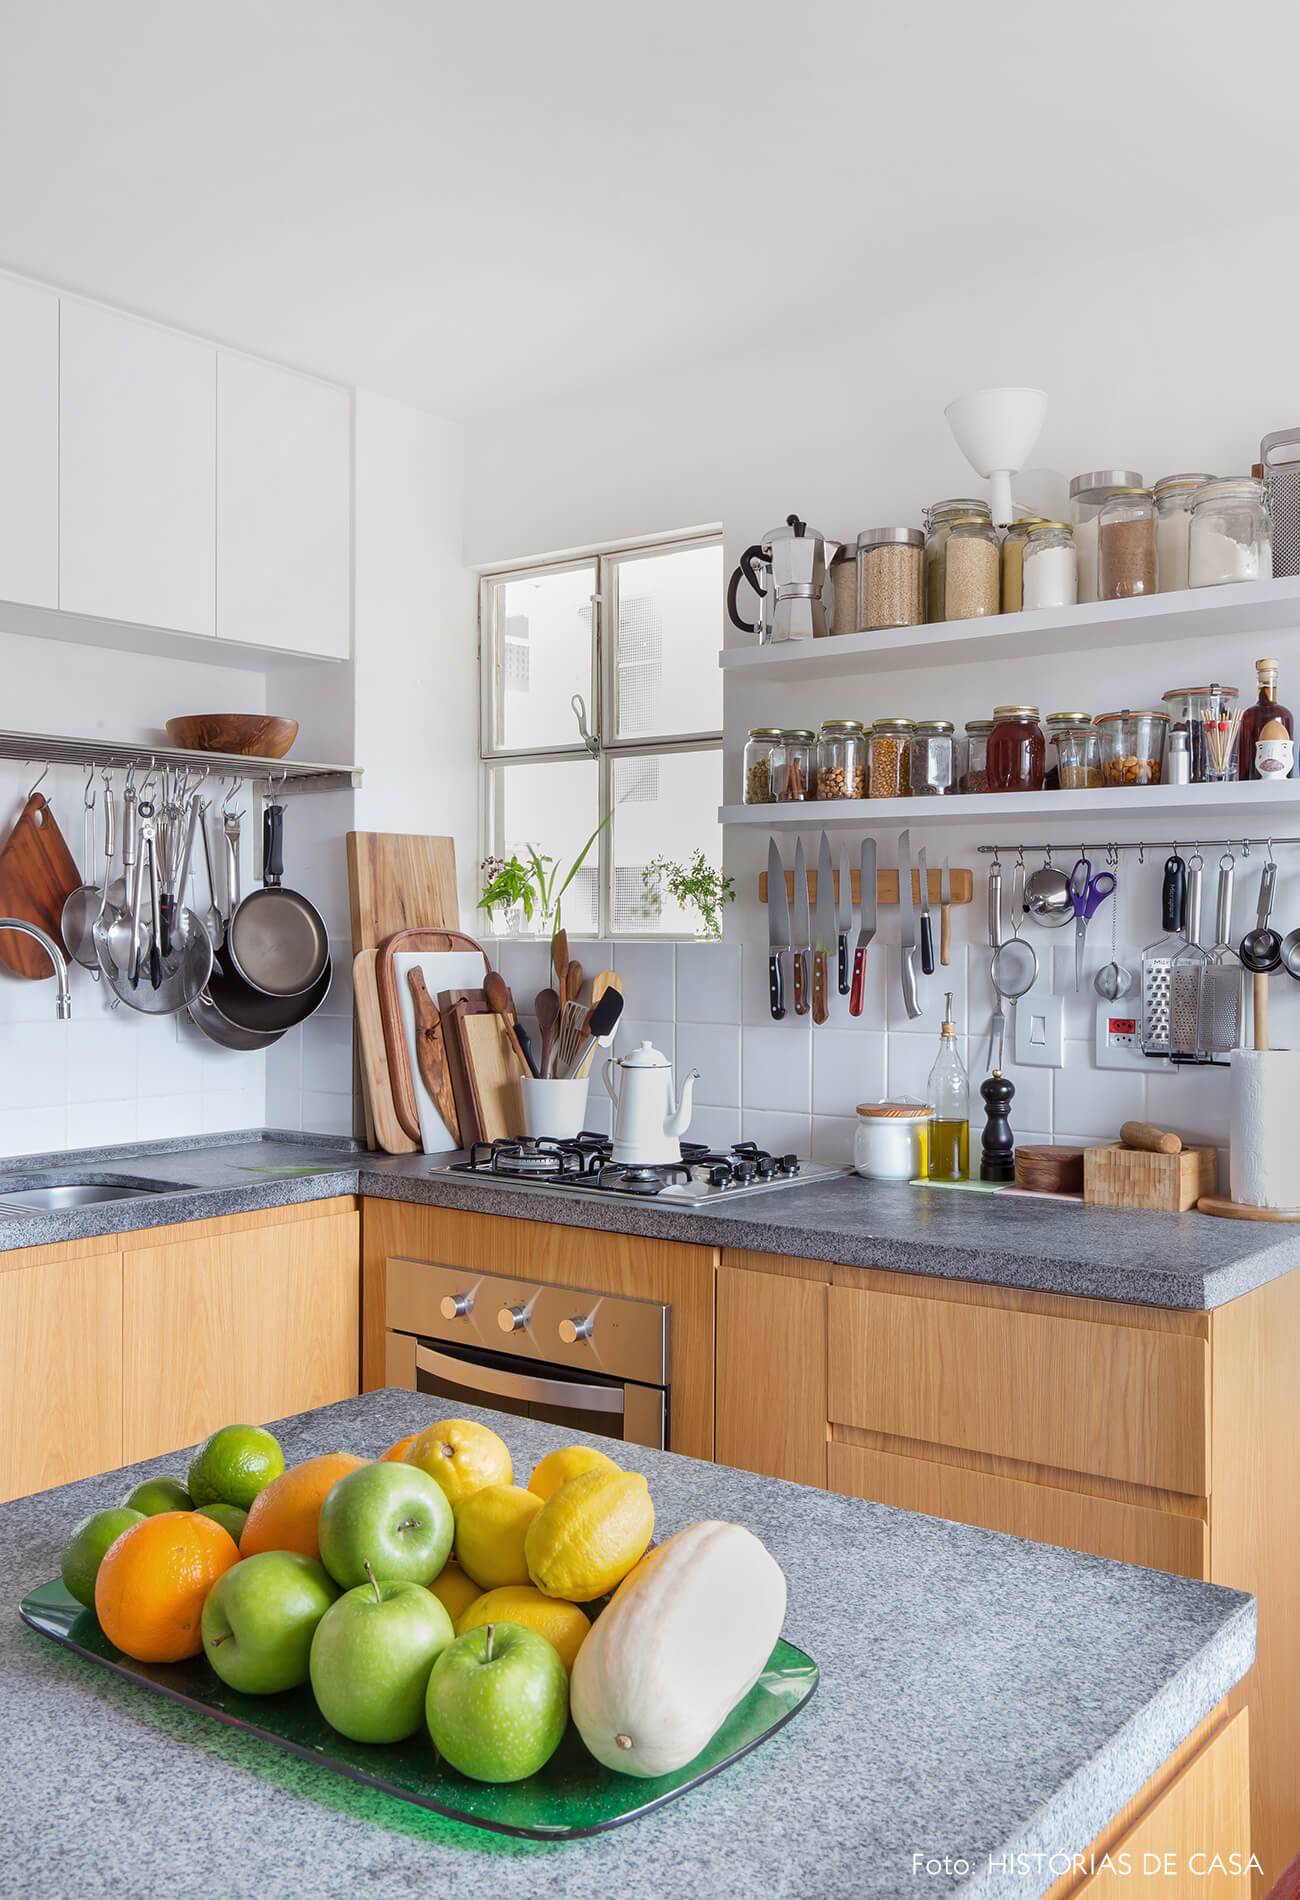 Cozinha com bancada pequena e acessórios na parede